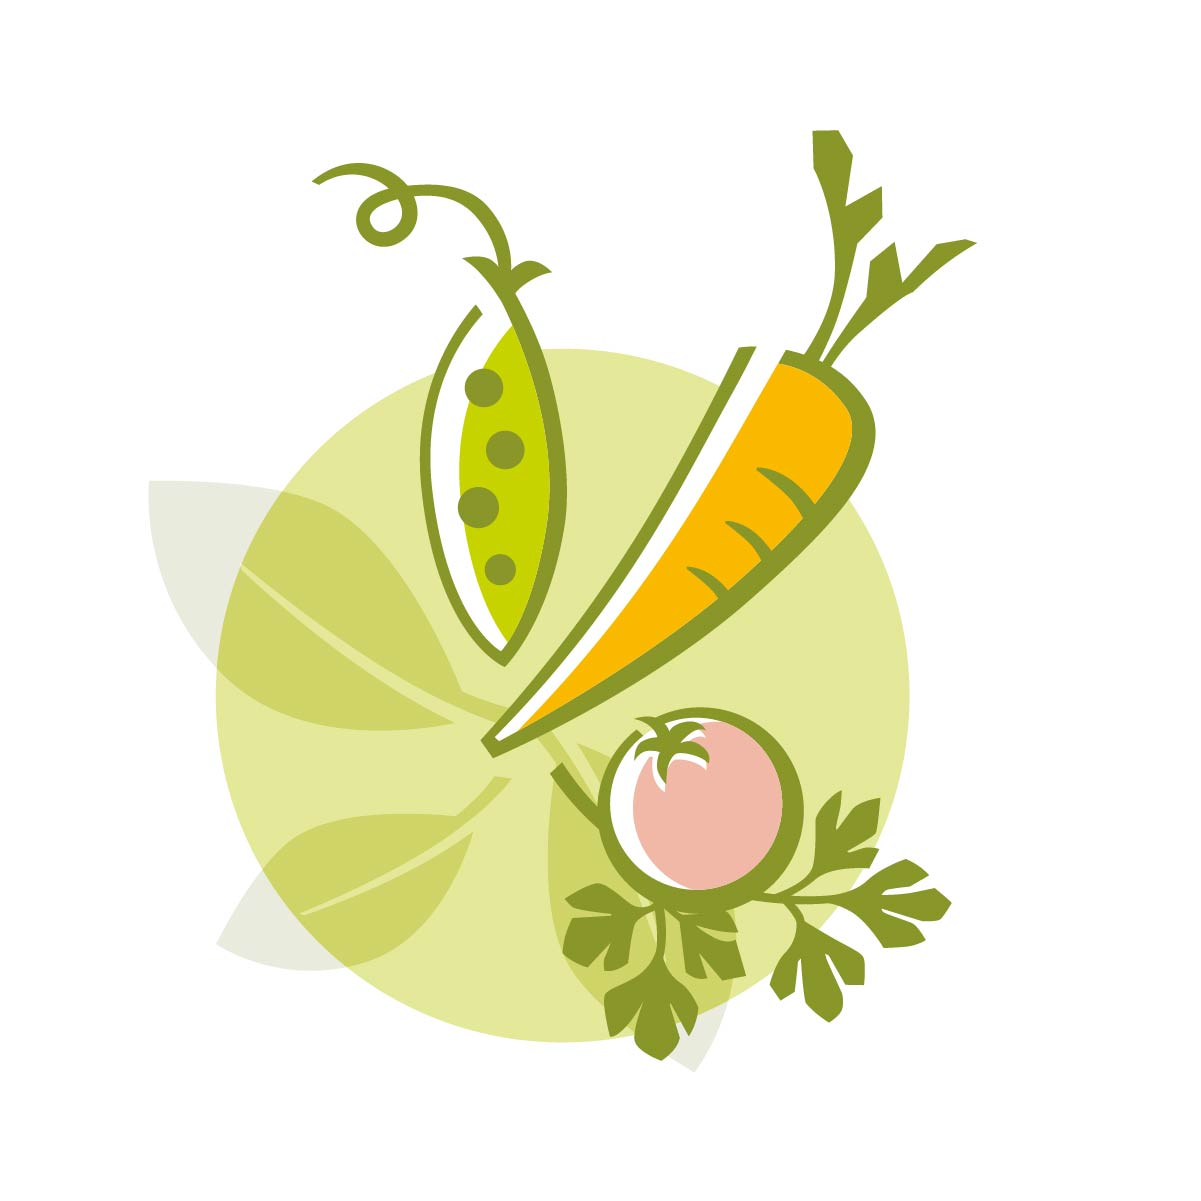 Teller Karotte Tomate Erbse Petersilie Illustrator Grafik Zeichnung 99° Petersilie Vektorstil